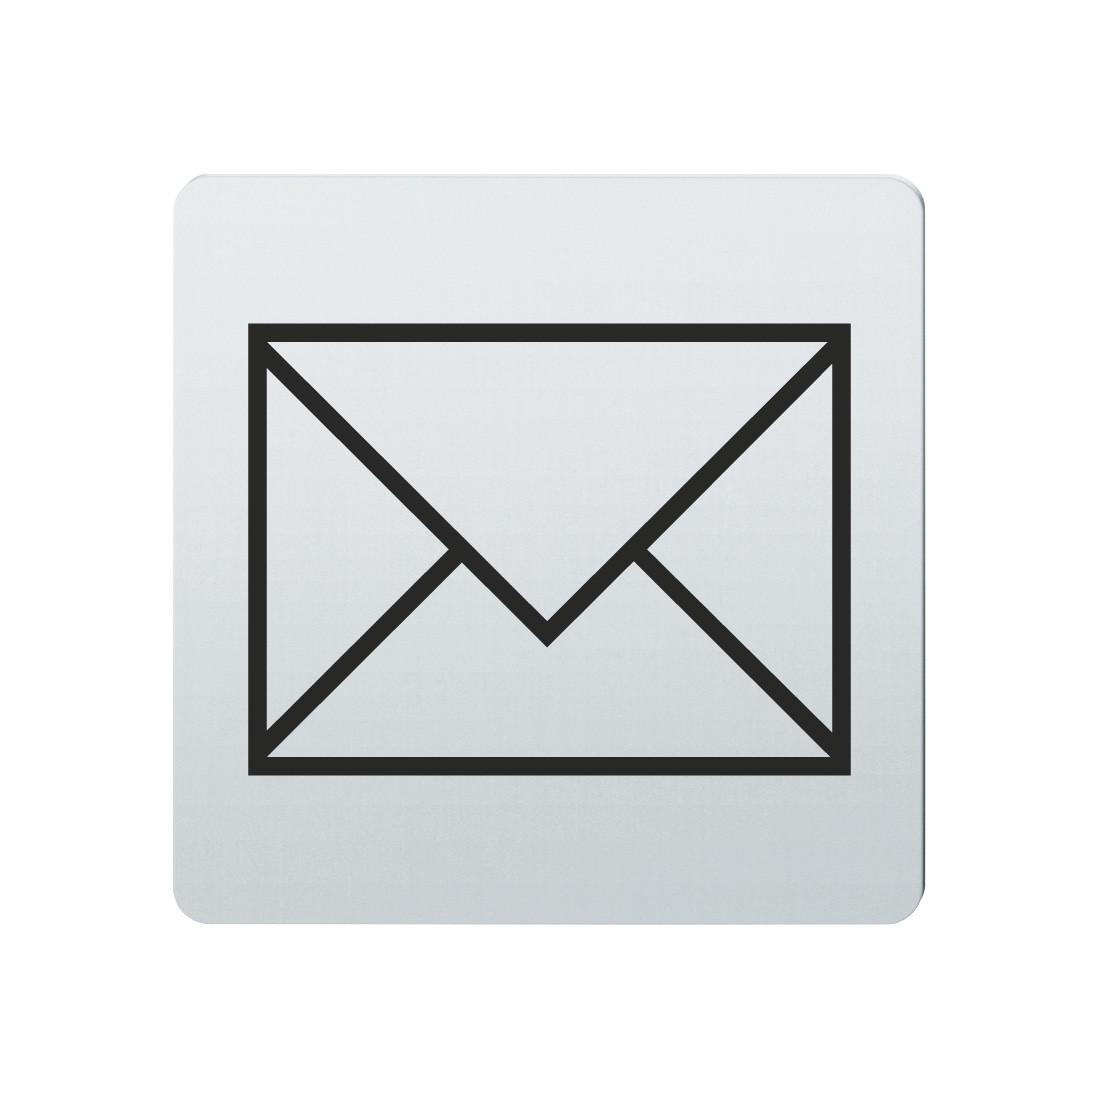 FSB Hinweiszeichen Post Lasergraviert Edelstahl fein matt (0 36 4059 00210 6204)